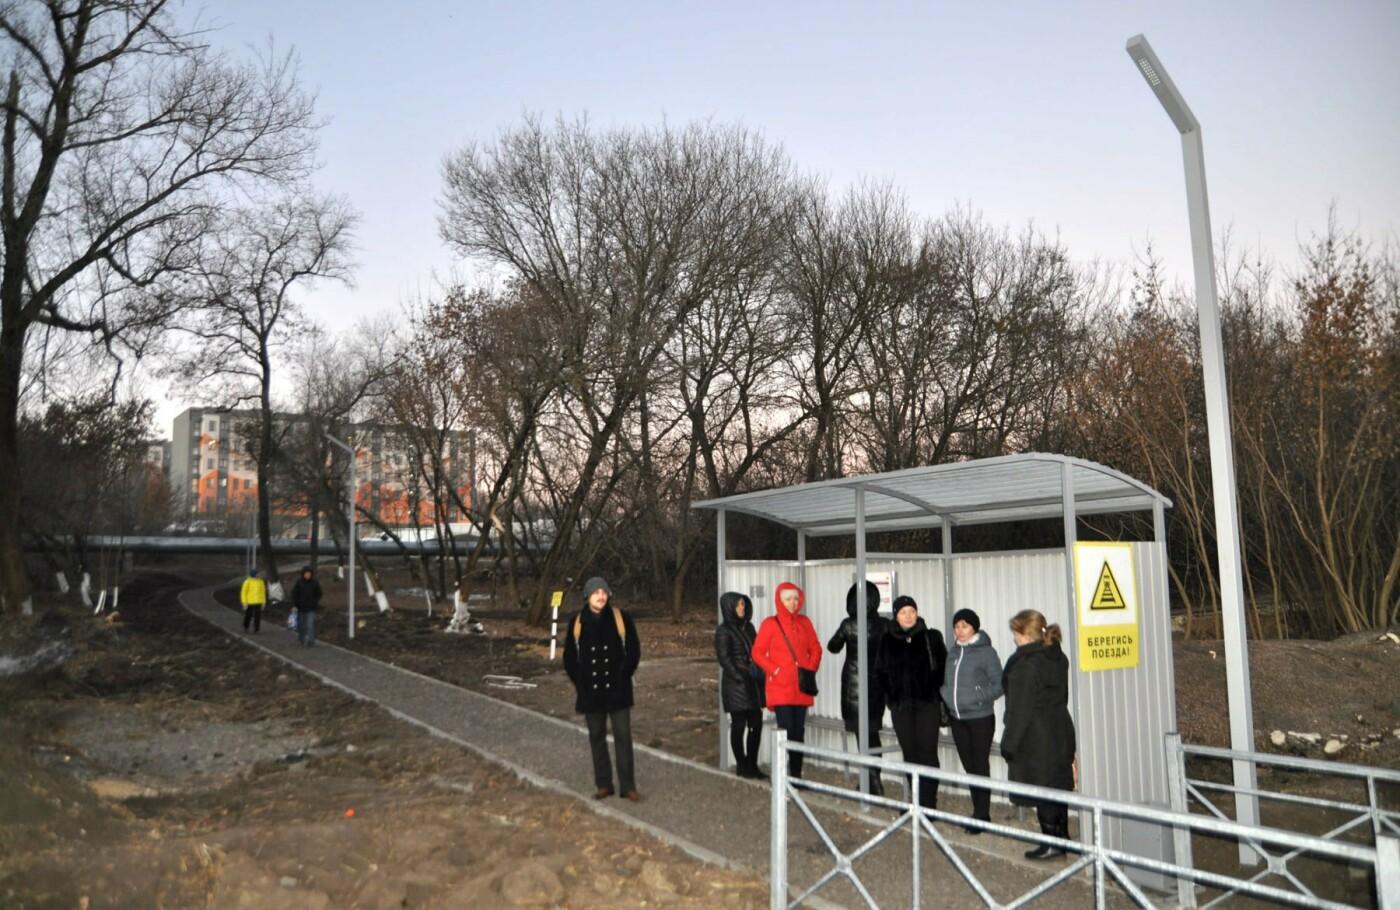 В «Новую жизнь» на новом транспорте: в Белгороде открылся первый маршрут городского поезда, фото-1